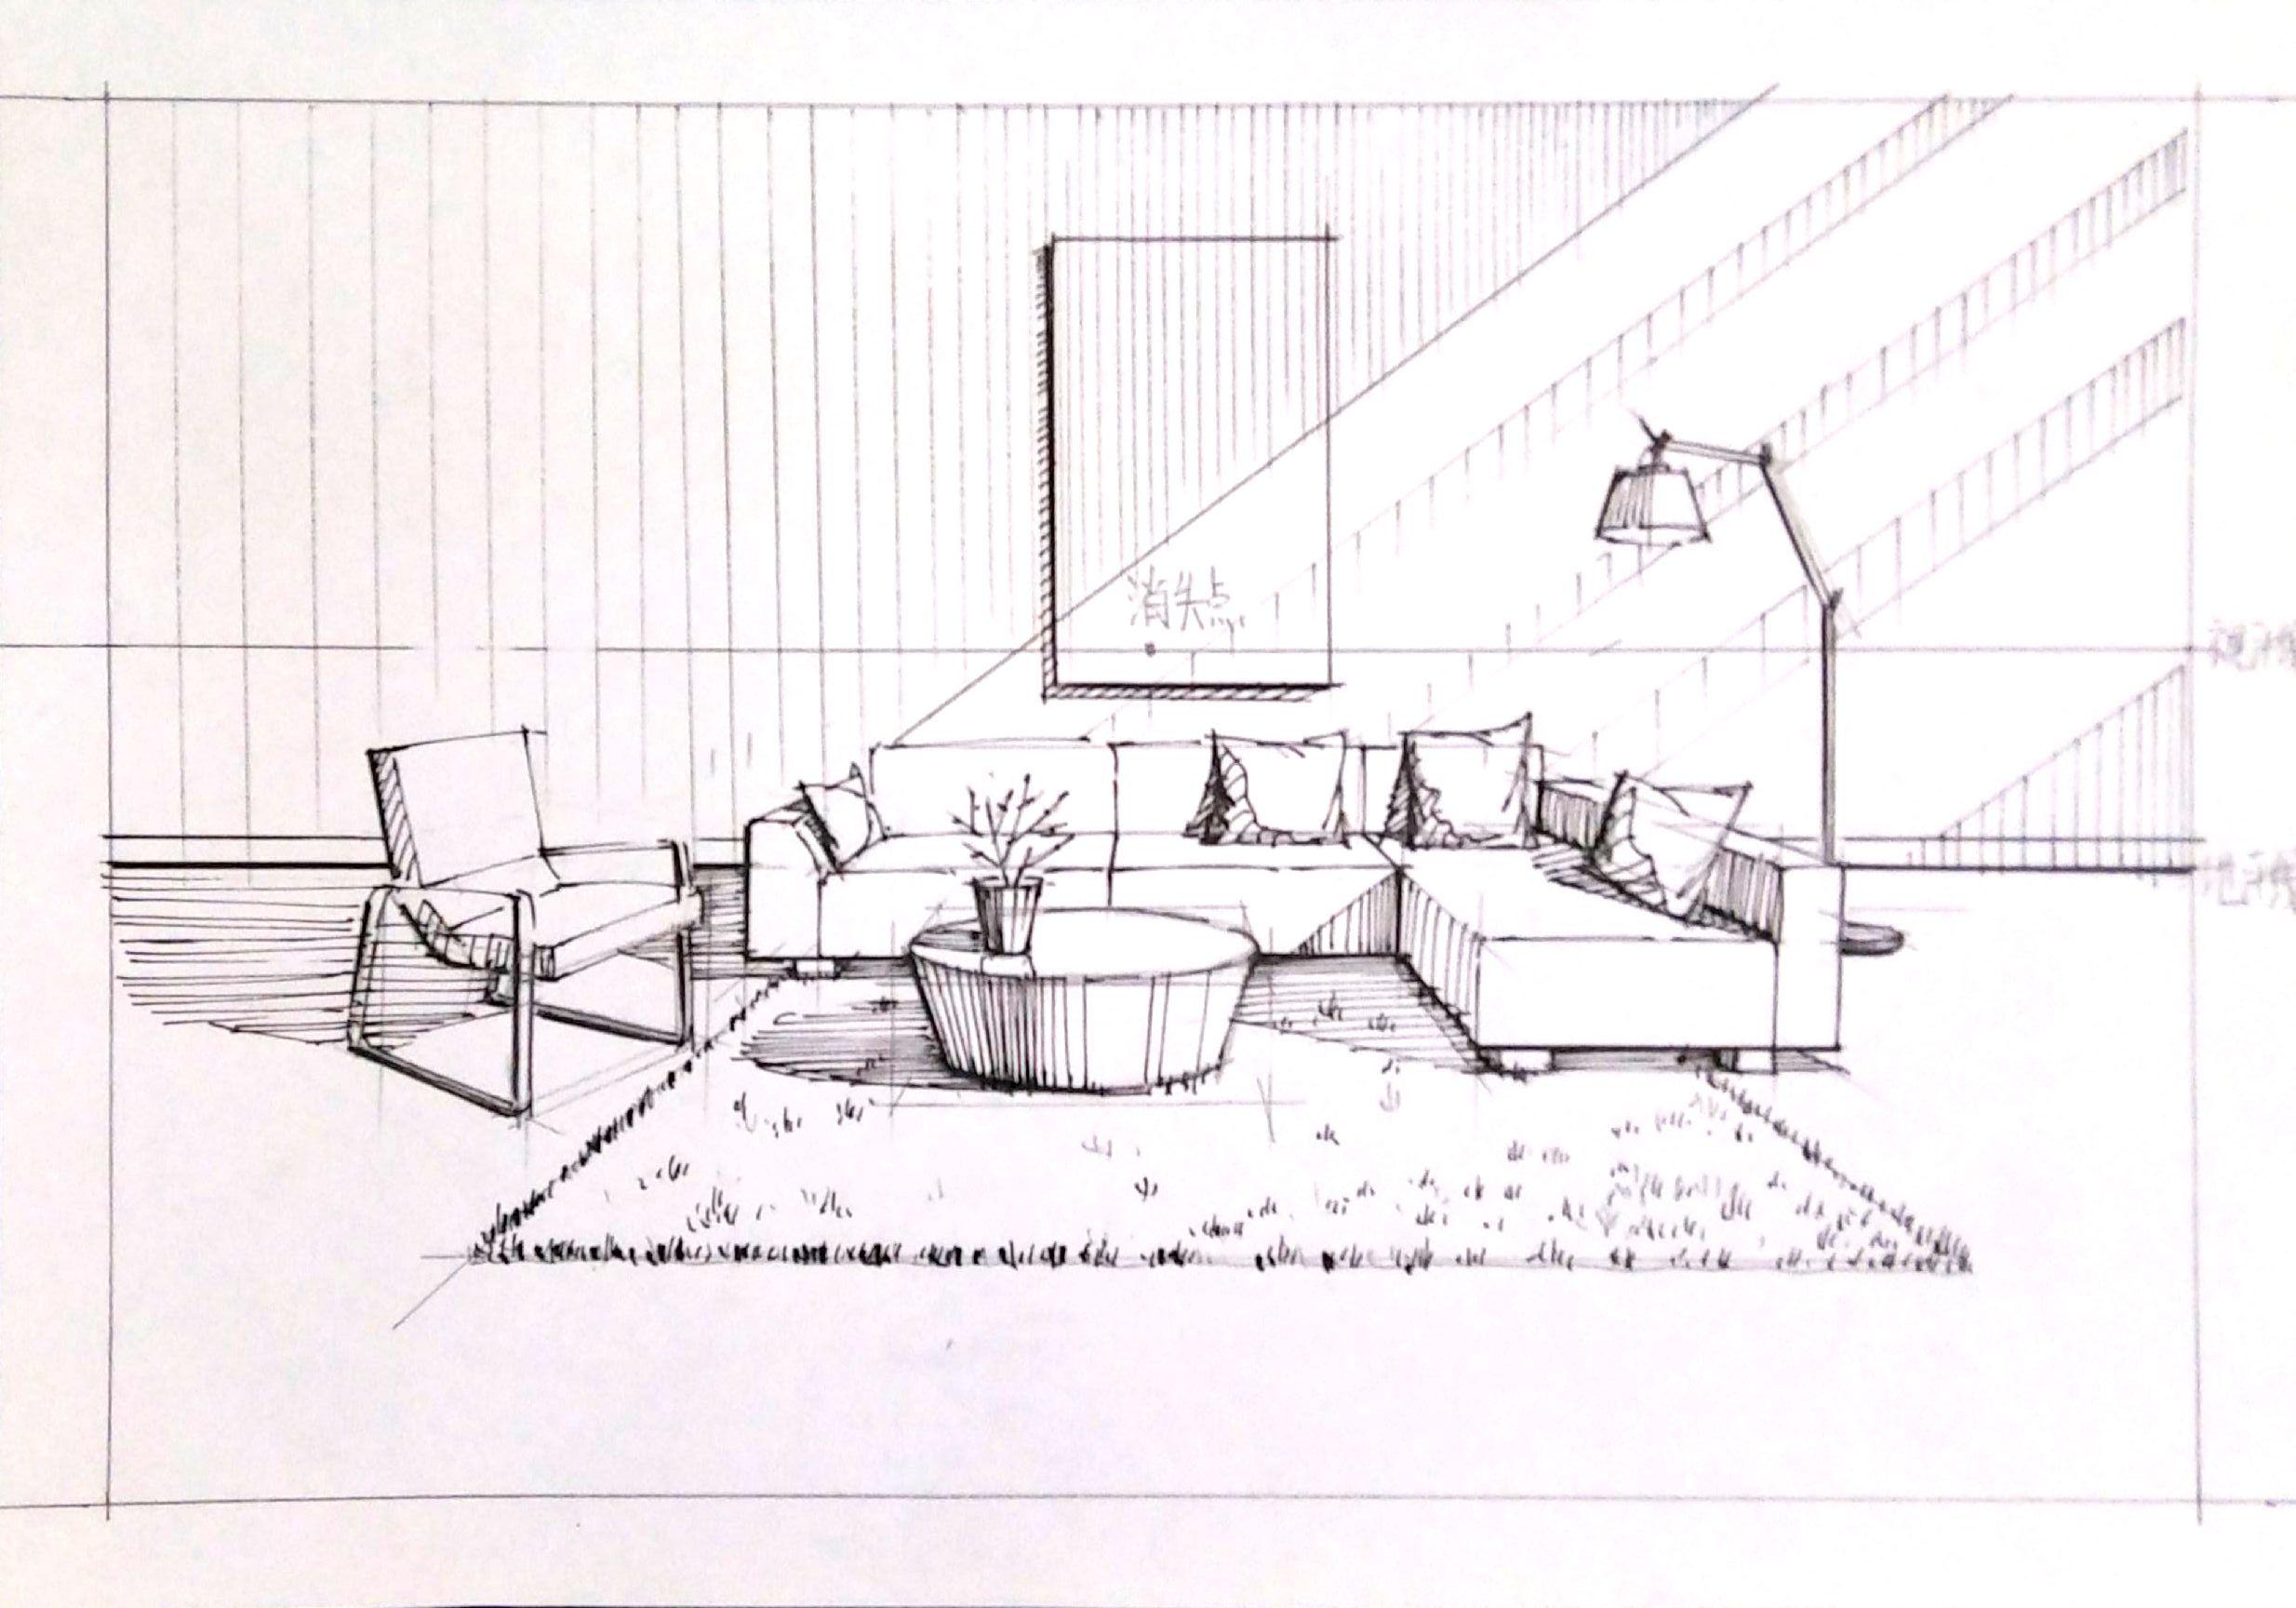 家具手绘_手绘家具组合表现|空间|室内设计|一叶手绘 - 原创作品 - 站酷 (ZCOOL)